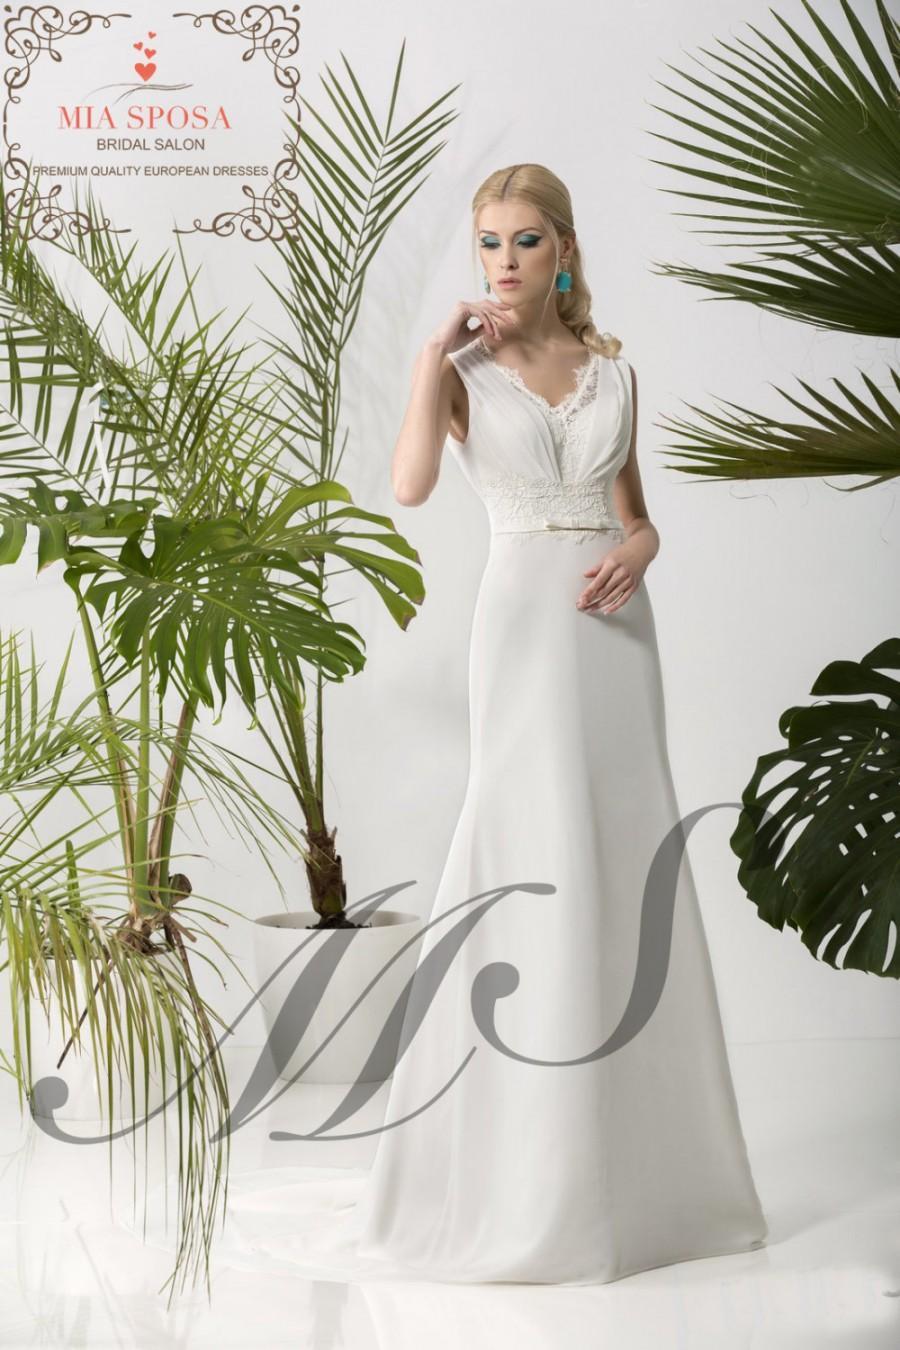 Mariage - Wedding dress V-cut , bridal dress, beach wedding dress, destination wedding dress